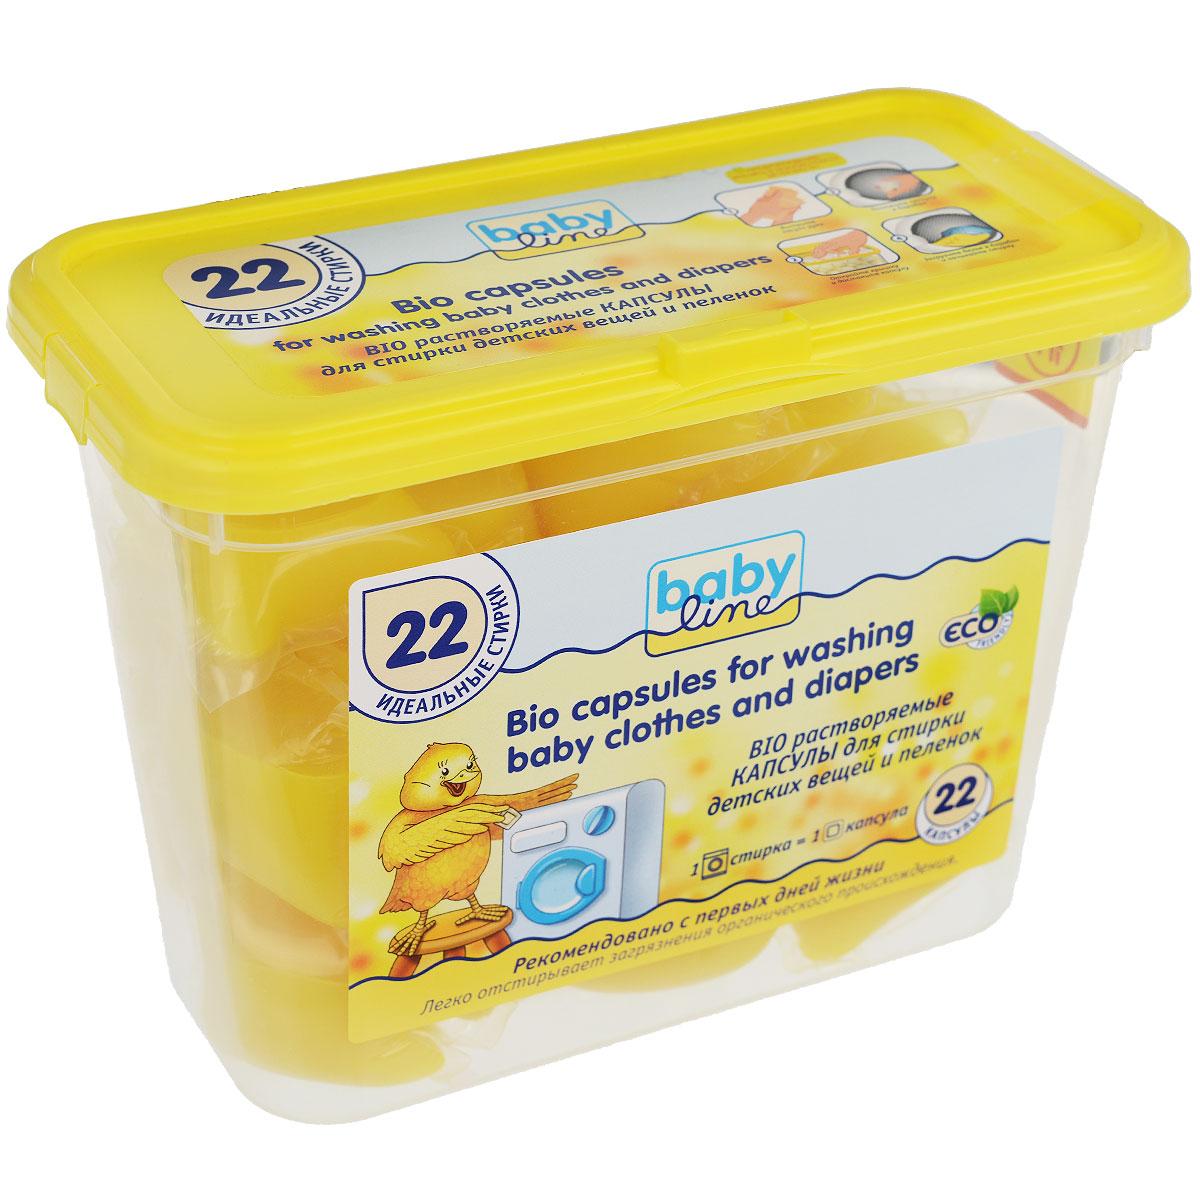 BabyLine BIO растворяемые капсулы для стирки детских вещей и пеленок, 22 шт18273356BIO капсулы растворяемые для стирки BabyLine не имеют запаха, не вызывают раздражения, идеальны при использовании людьми склонными к аллергии или с чувствительной кожей рук. Применение : 1 стирка = 1 капсула.